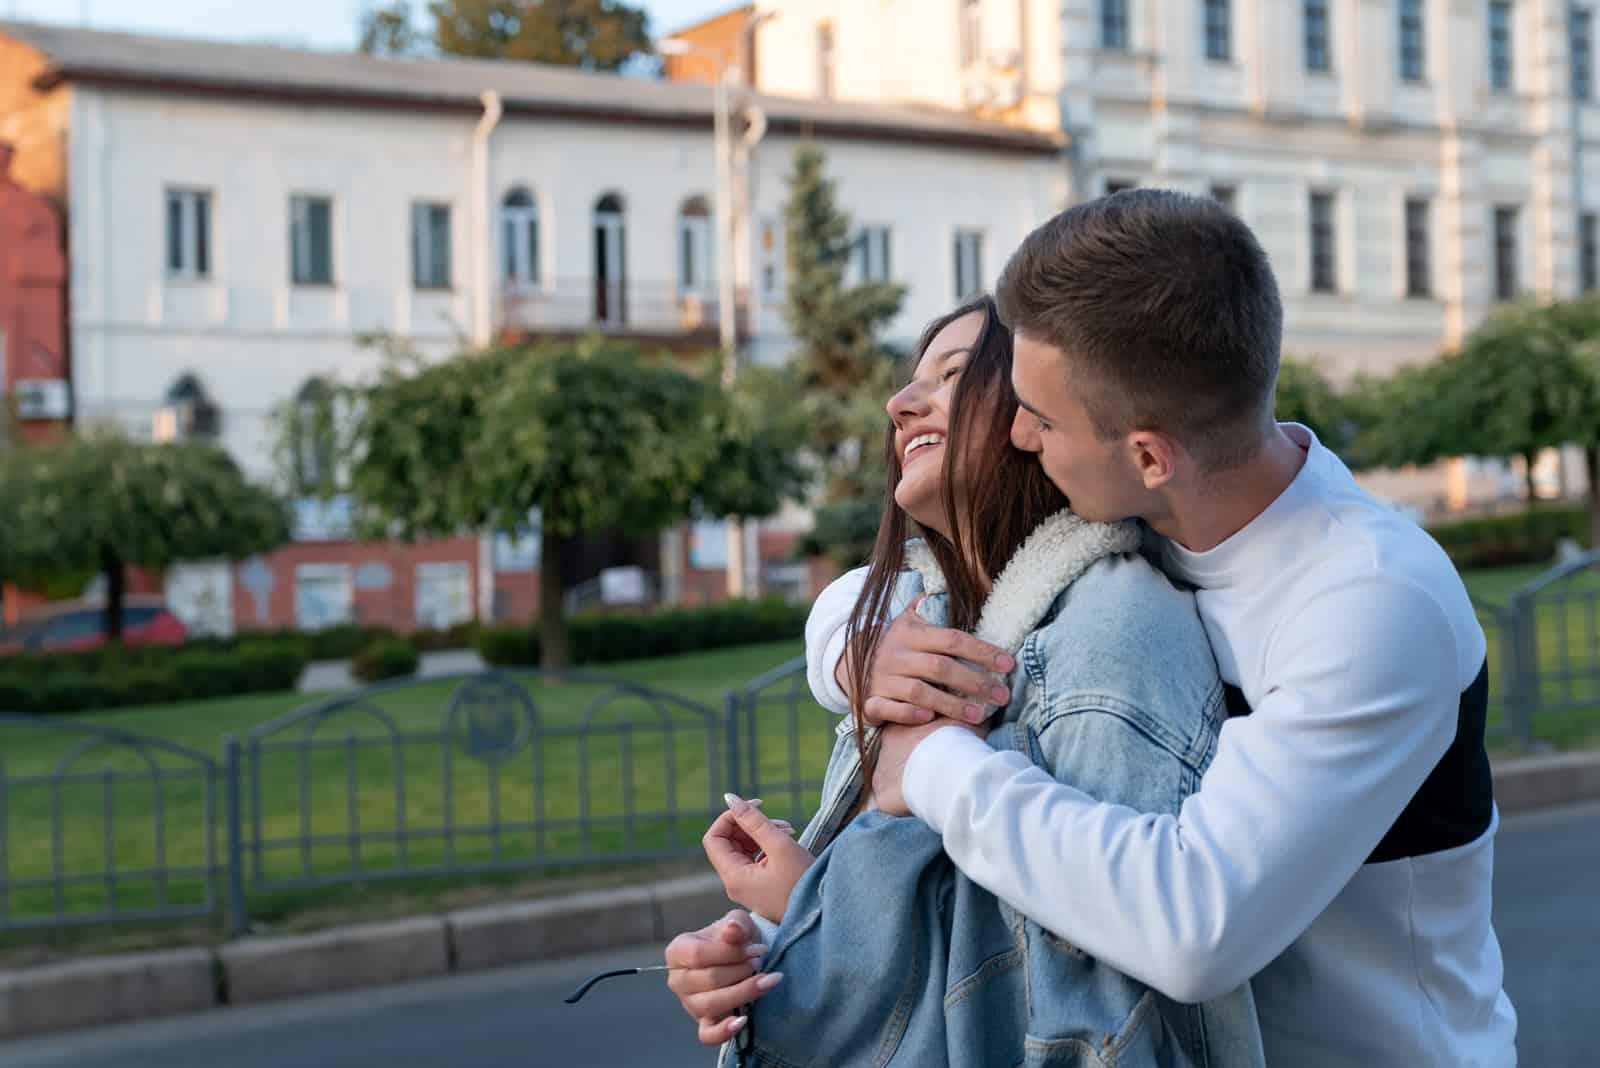 Draußen gleitet der Mann und küsst die Frau von hinten